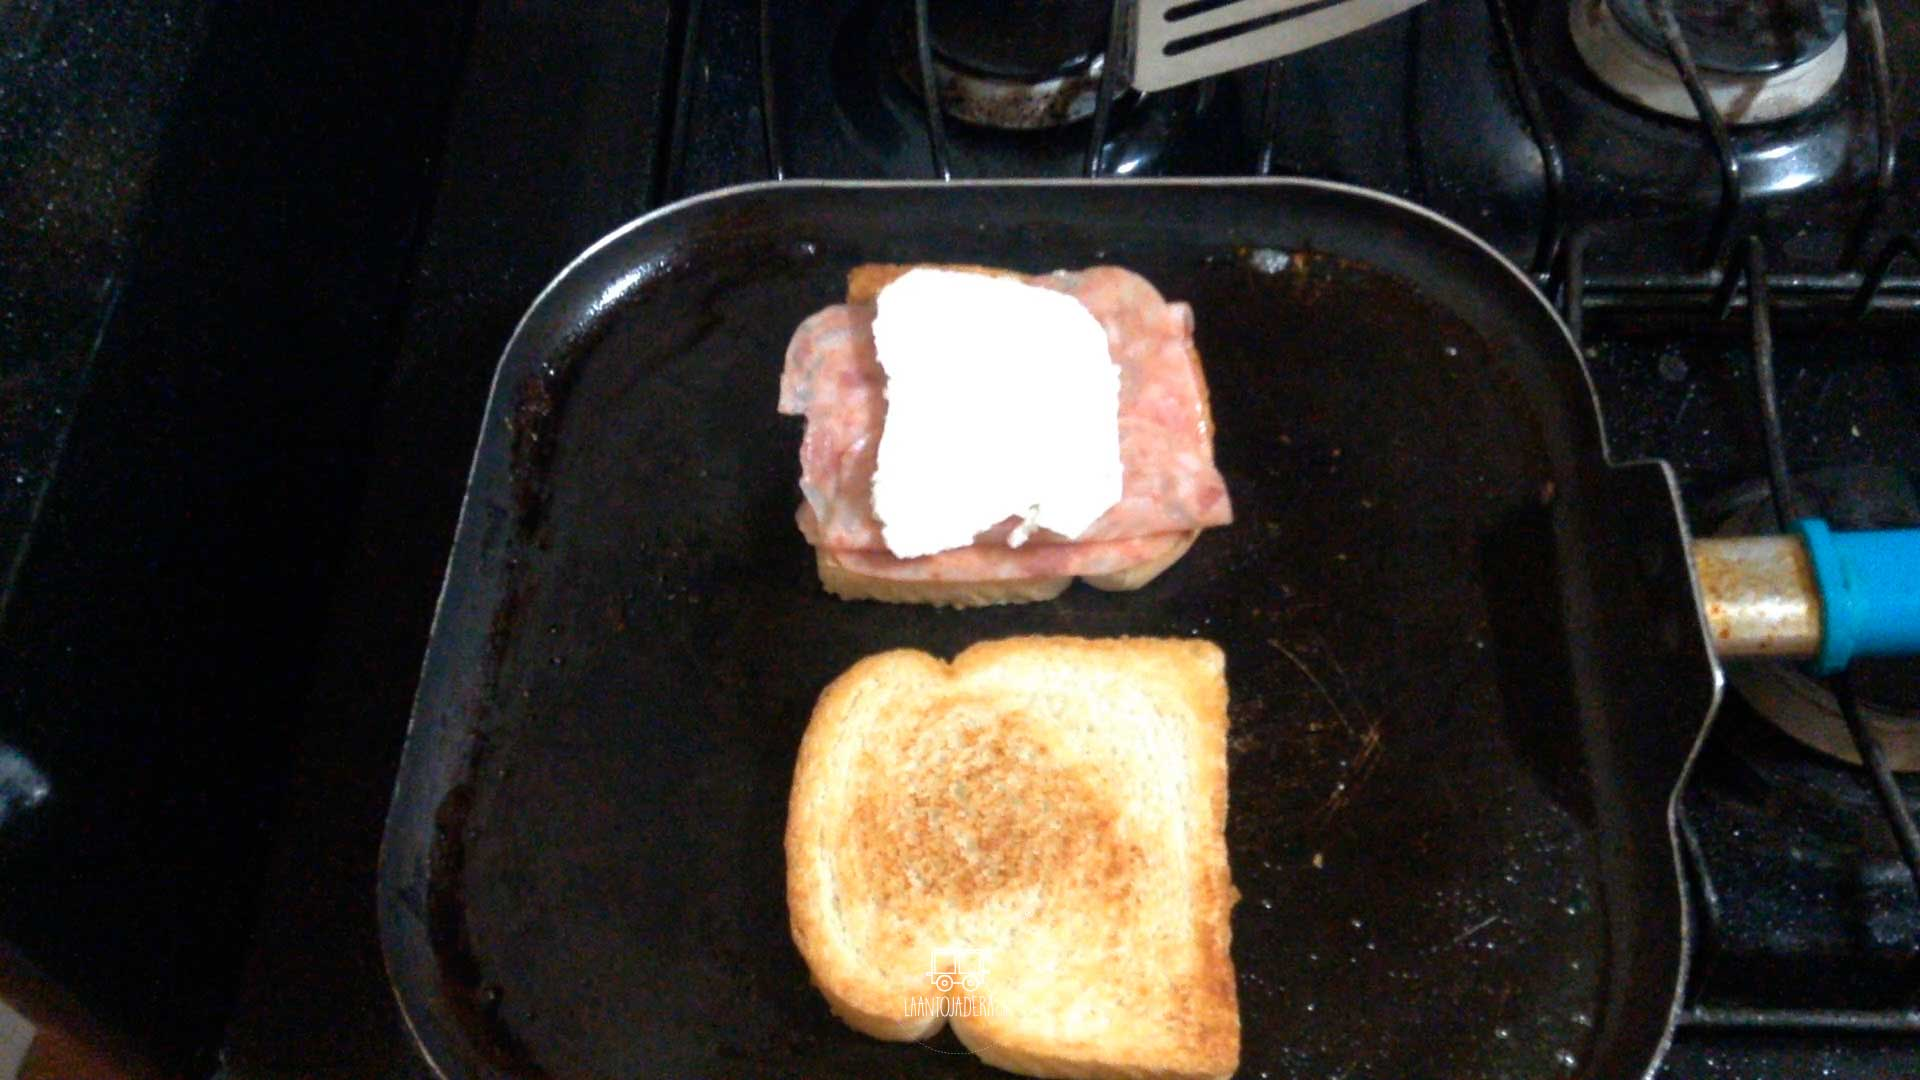 La Antojadera | Sandwich de Queso de Puerco con Queso Panela